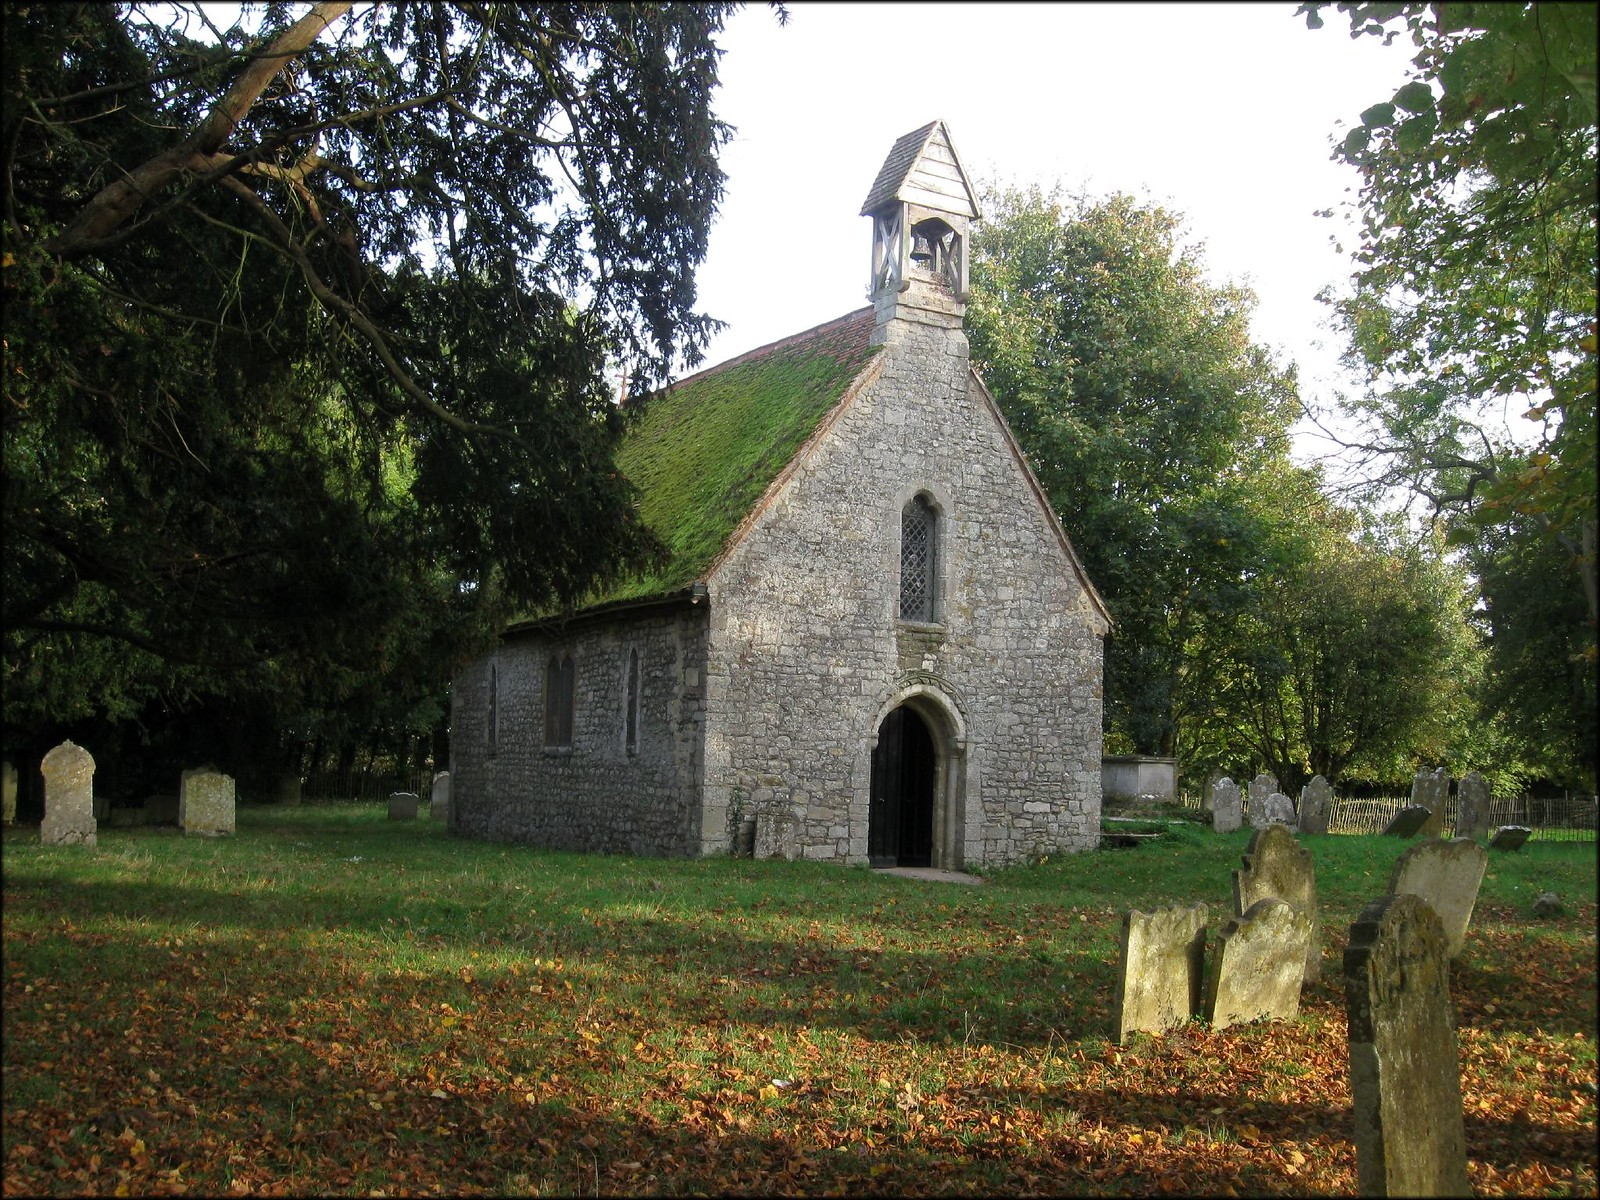 Botley church